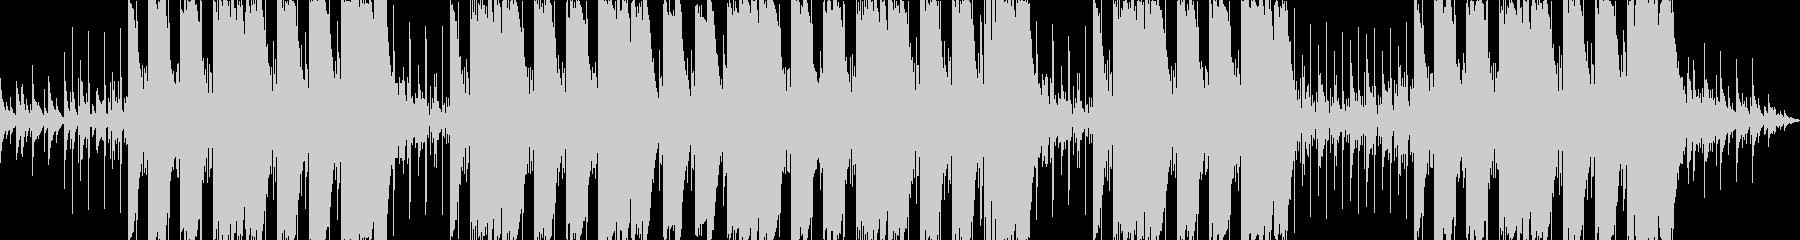 チルくてエモいシンセトラップの未再生の波形